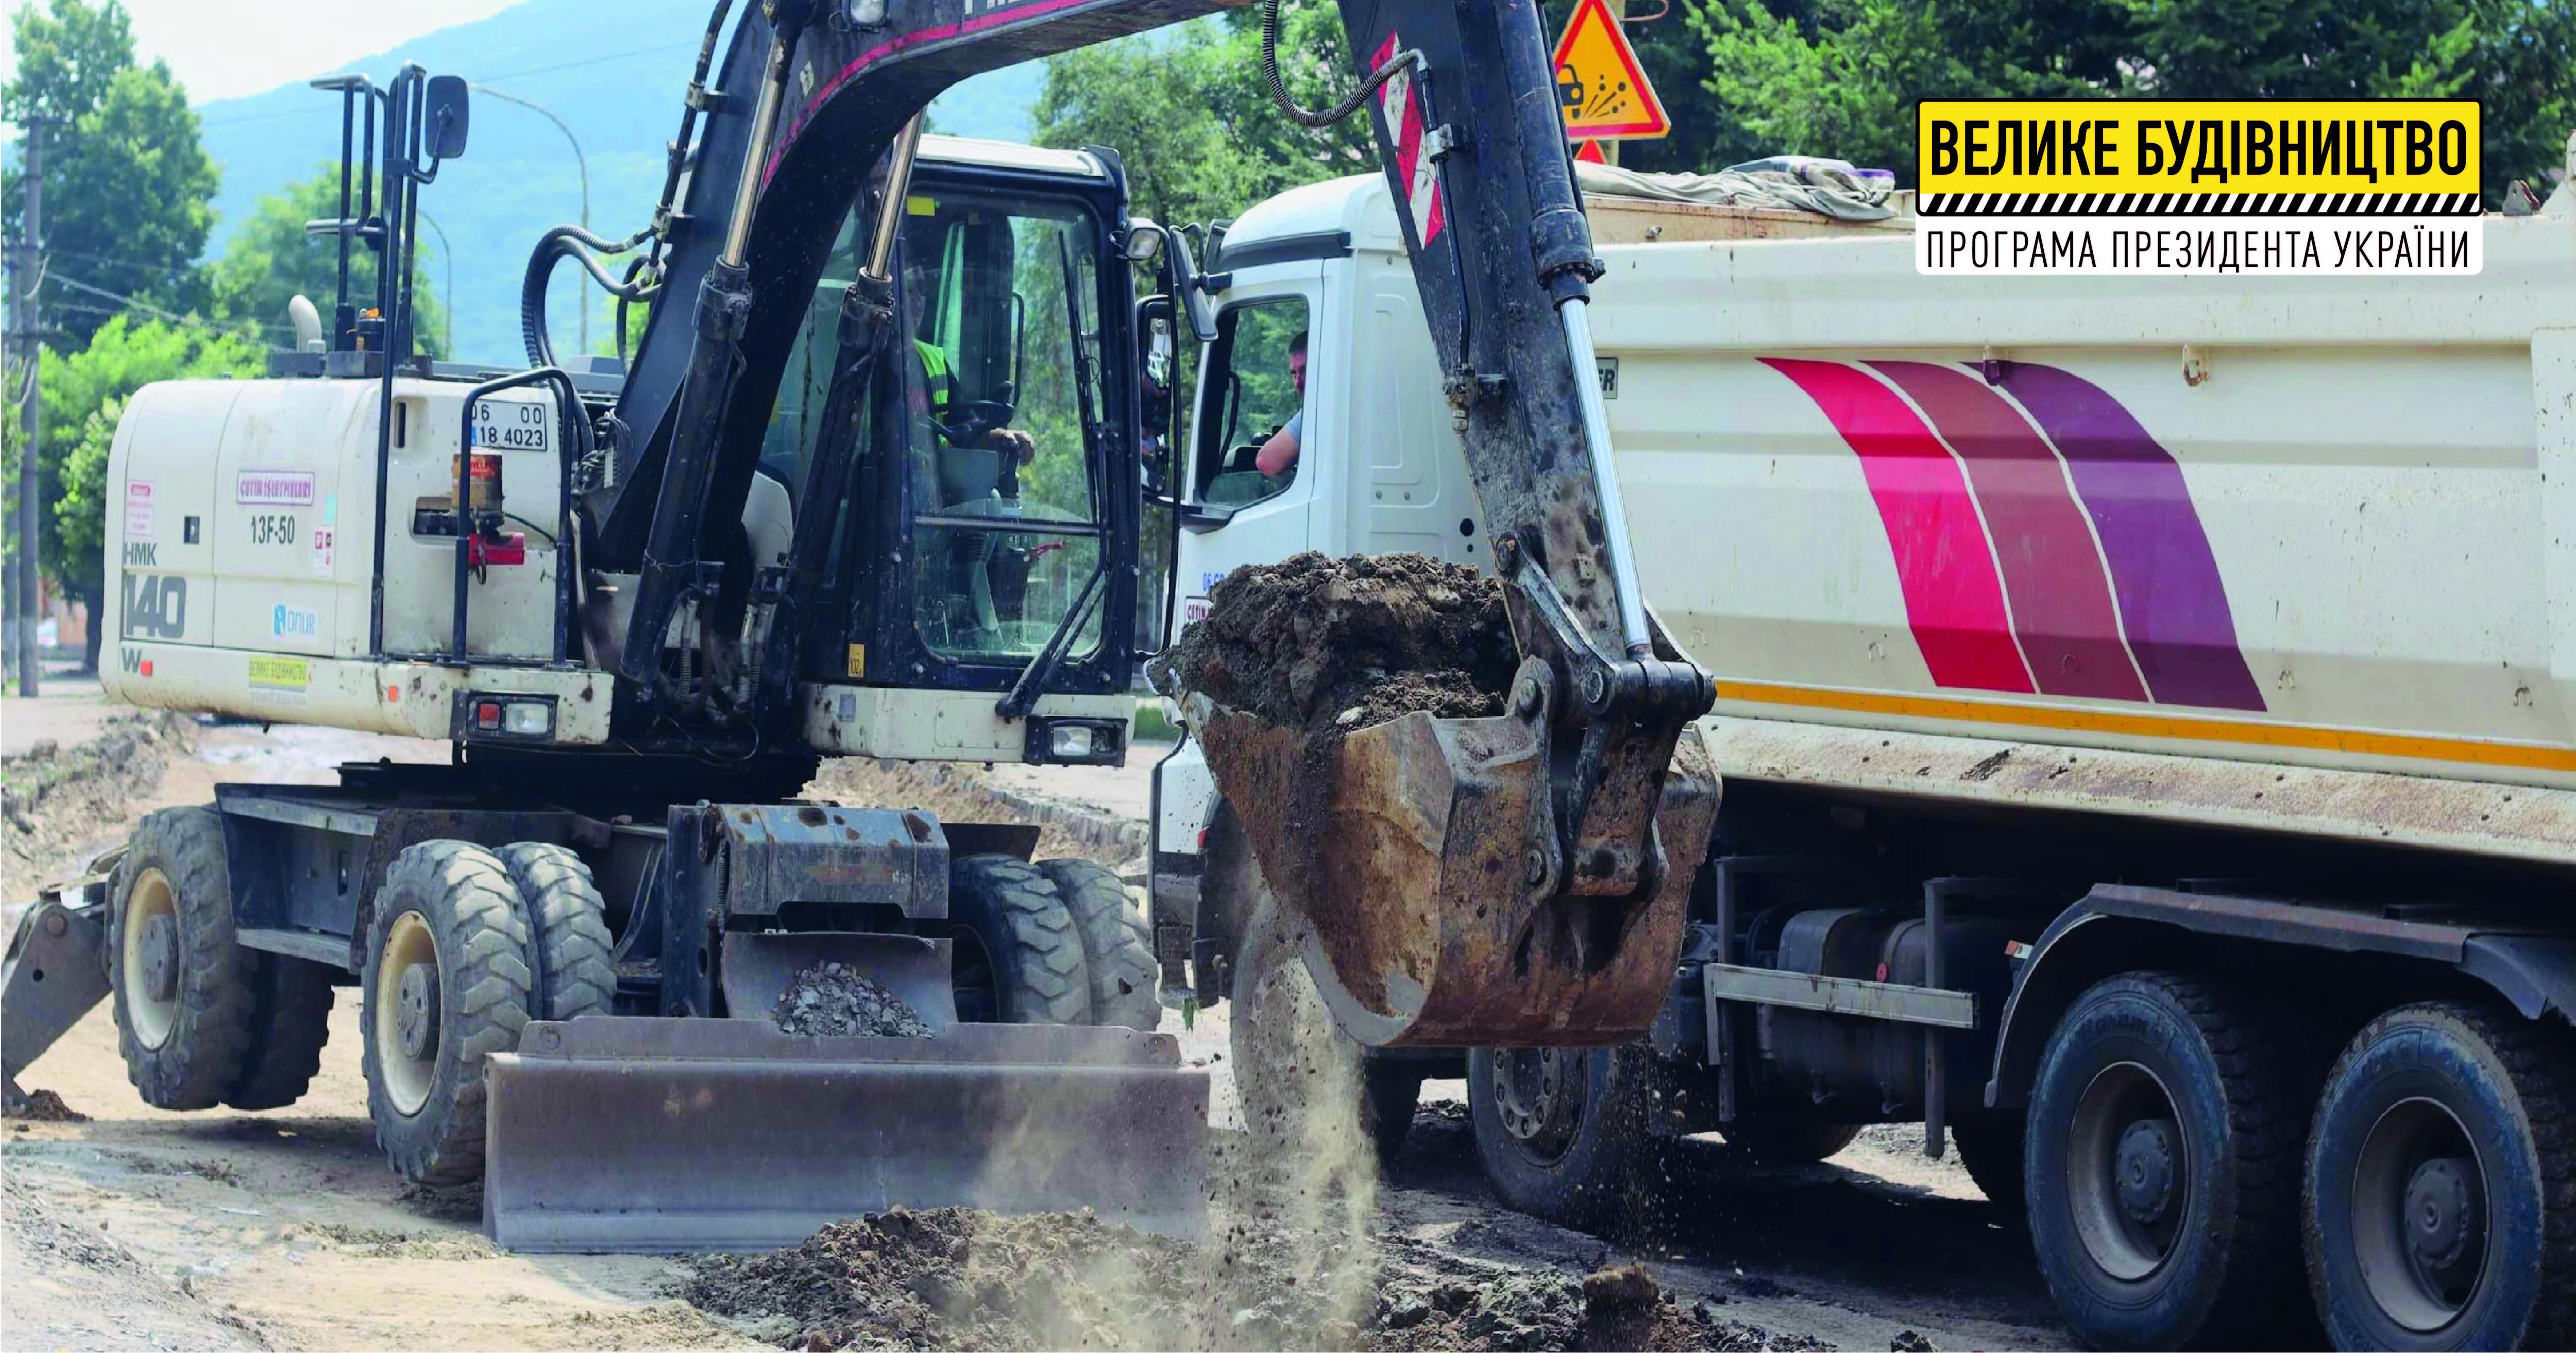 У місті Перечин тривають масштабні роботи з відновлення дорожнього полотна